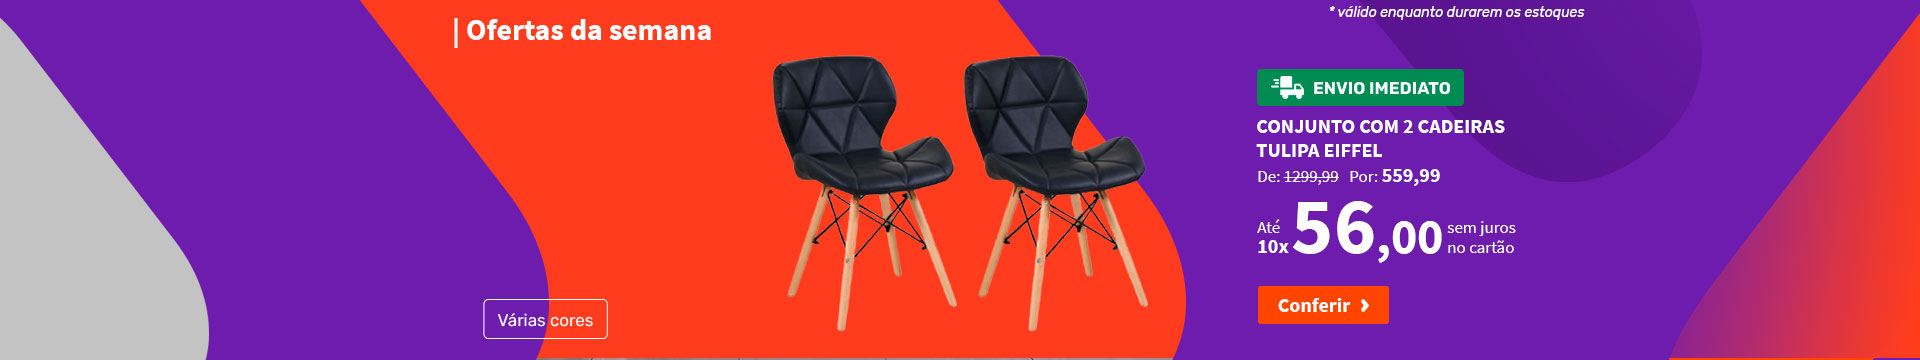 Conjunto com 2 Cadeiras Tulipa Eiffel - Ofertas da semana